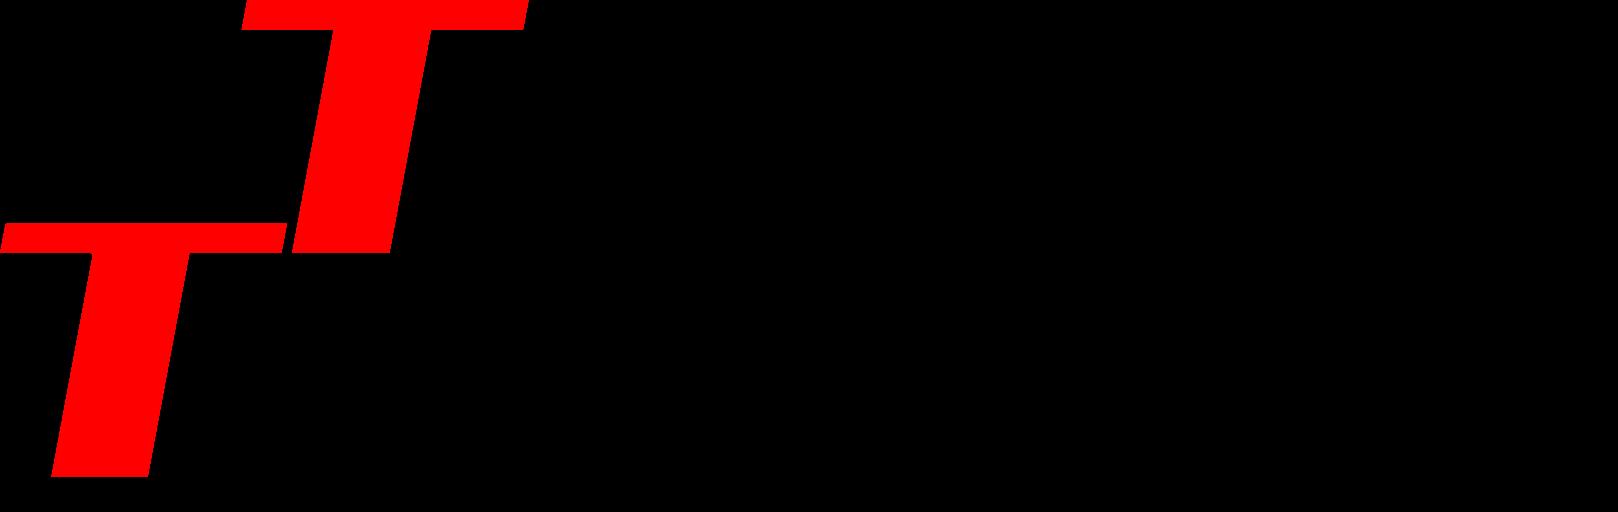 Toninho Terraplanagem